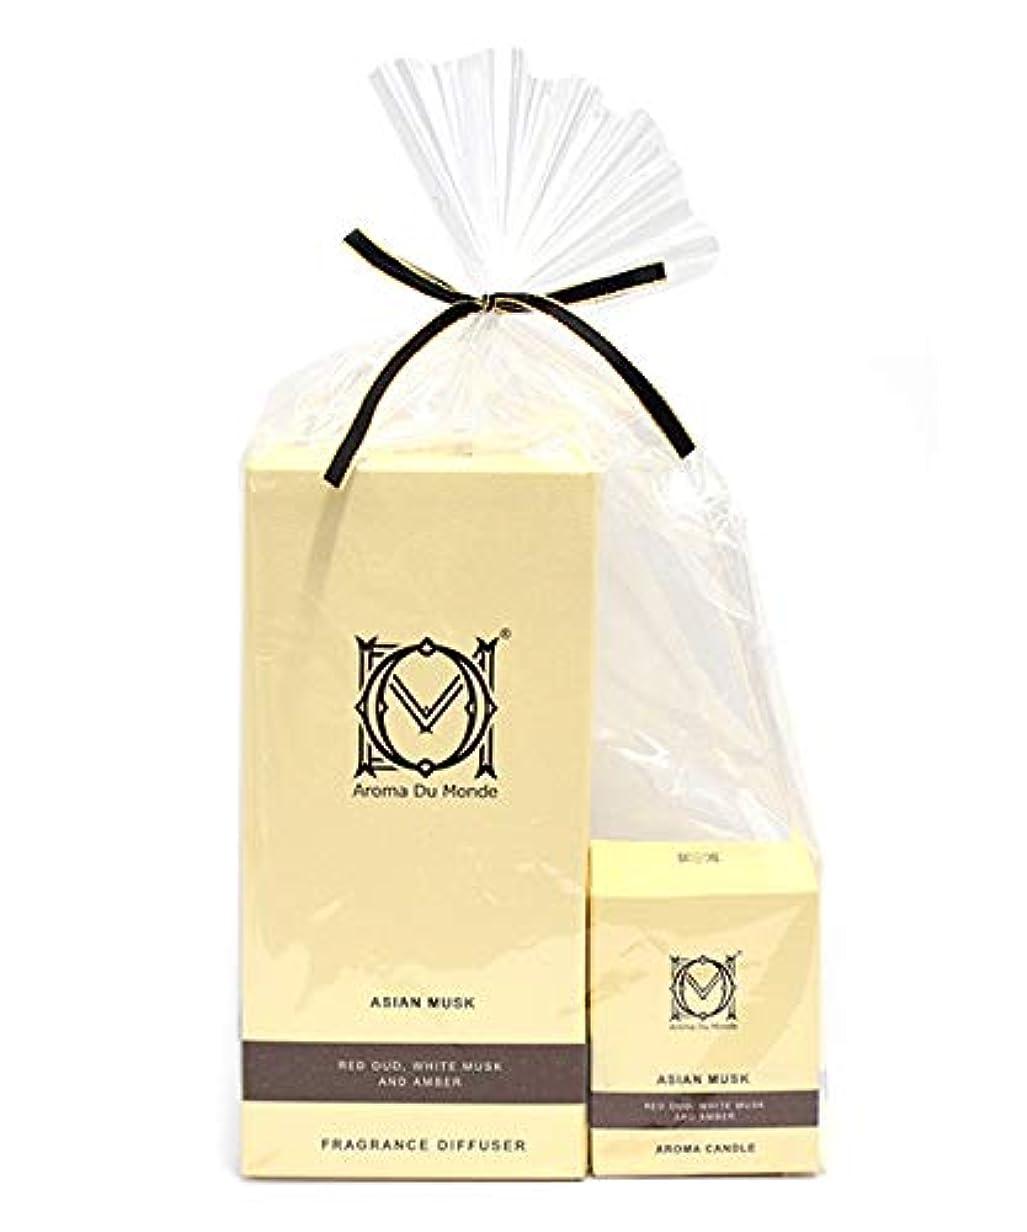 ボイドクラッシュ組み立てるフレグランスディフューザー&キャンドル アジアンムスク セット Aroma Du Monde/ADM Fragrance Diffuser & Candle Asian Musk Set 81157